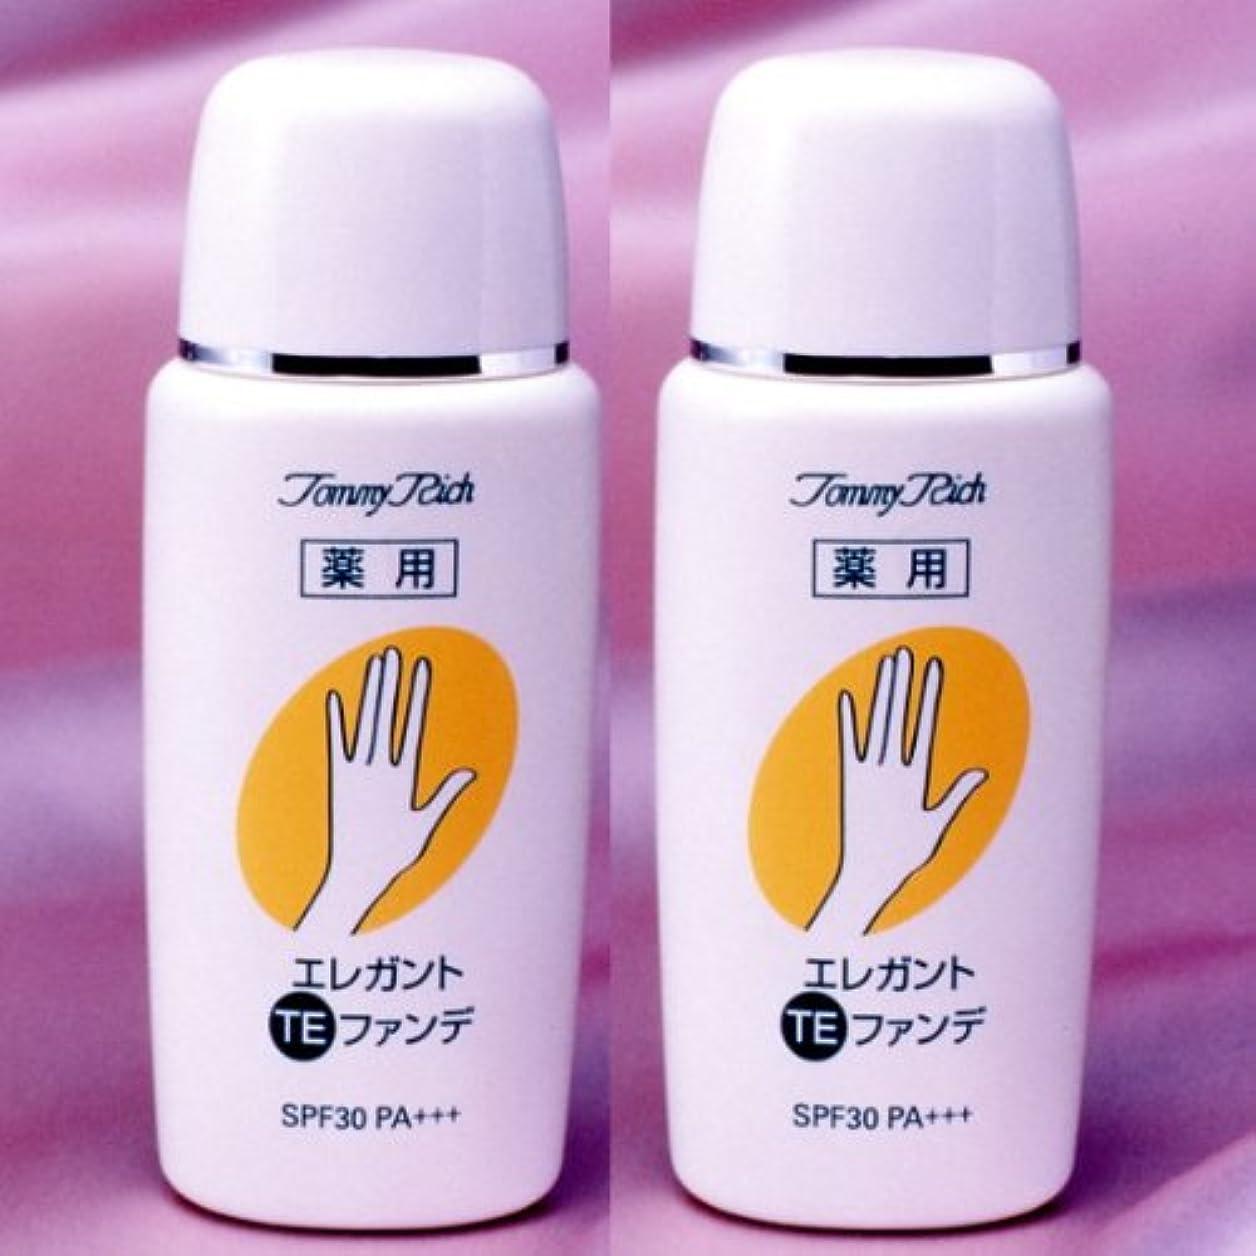 コンパイルプレゼント差手や腕のシミや老班をカバーして、白く清潔で美しい手になる!! 「薬用エレガントTEファンデ 2個セット」